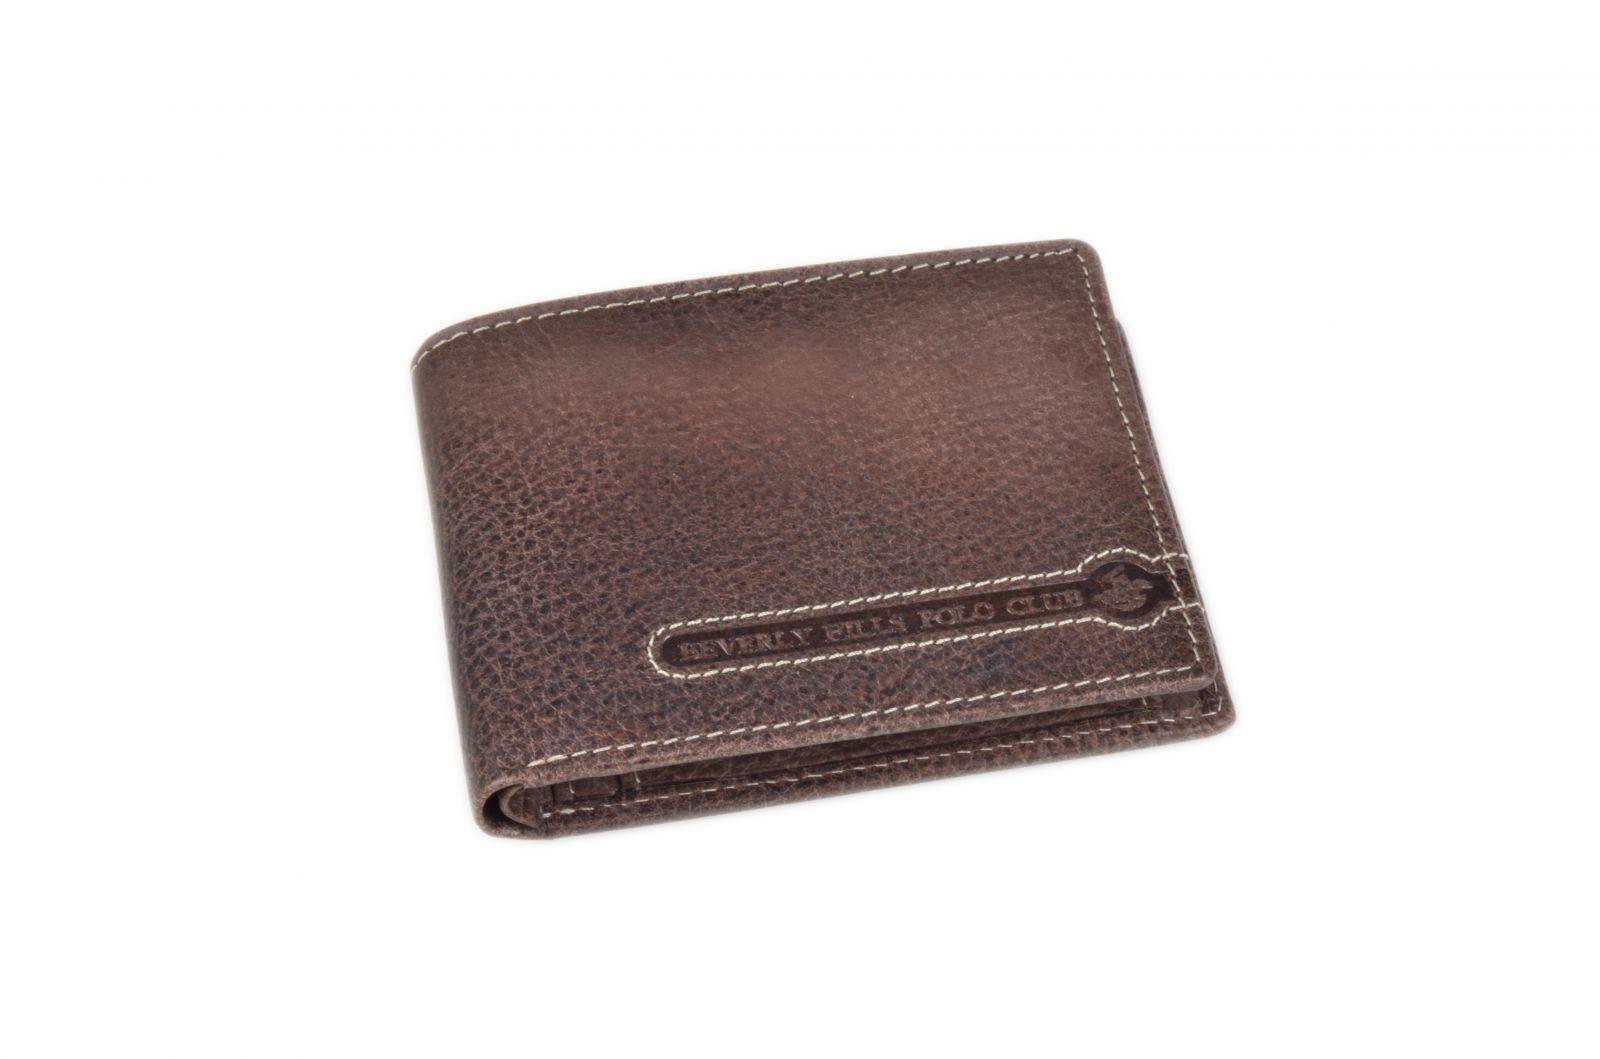 Peněženka pánská BHPC Tucson BH-392-75 tabáková v krabičce